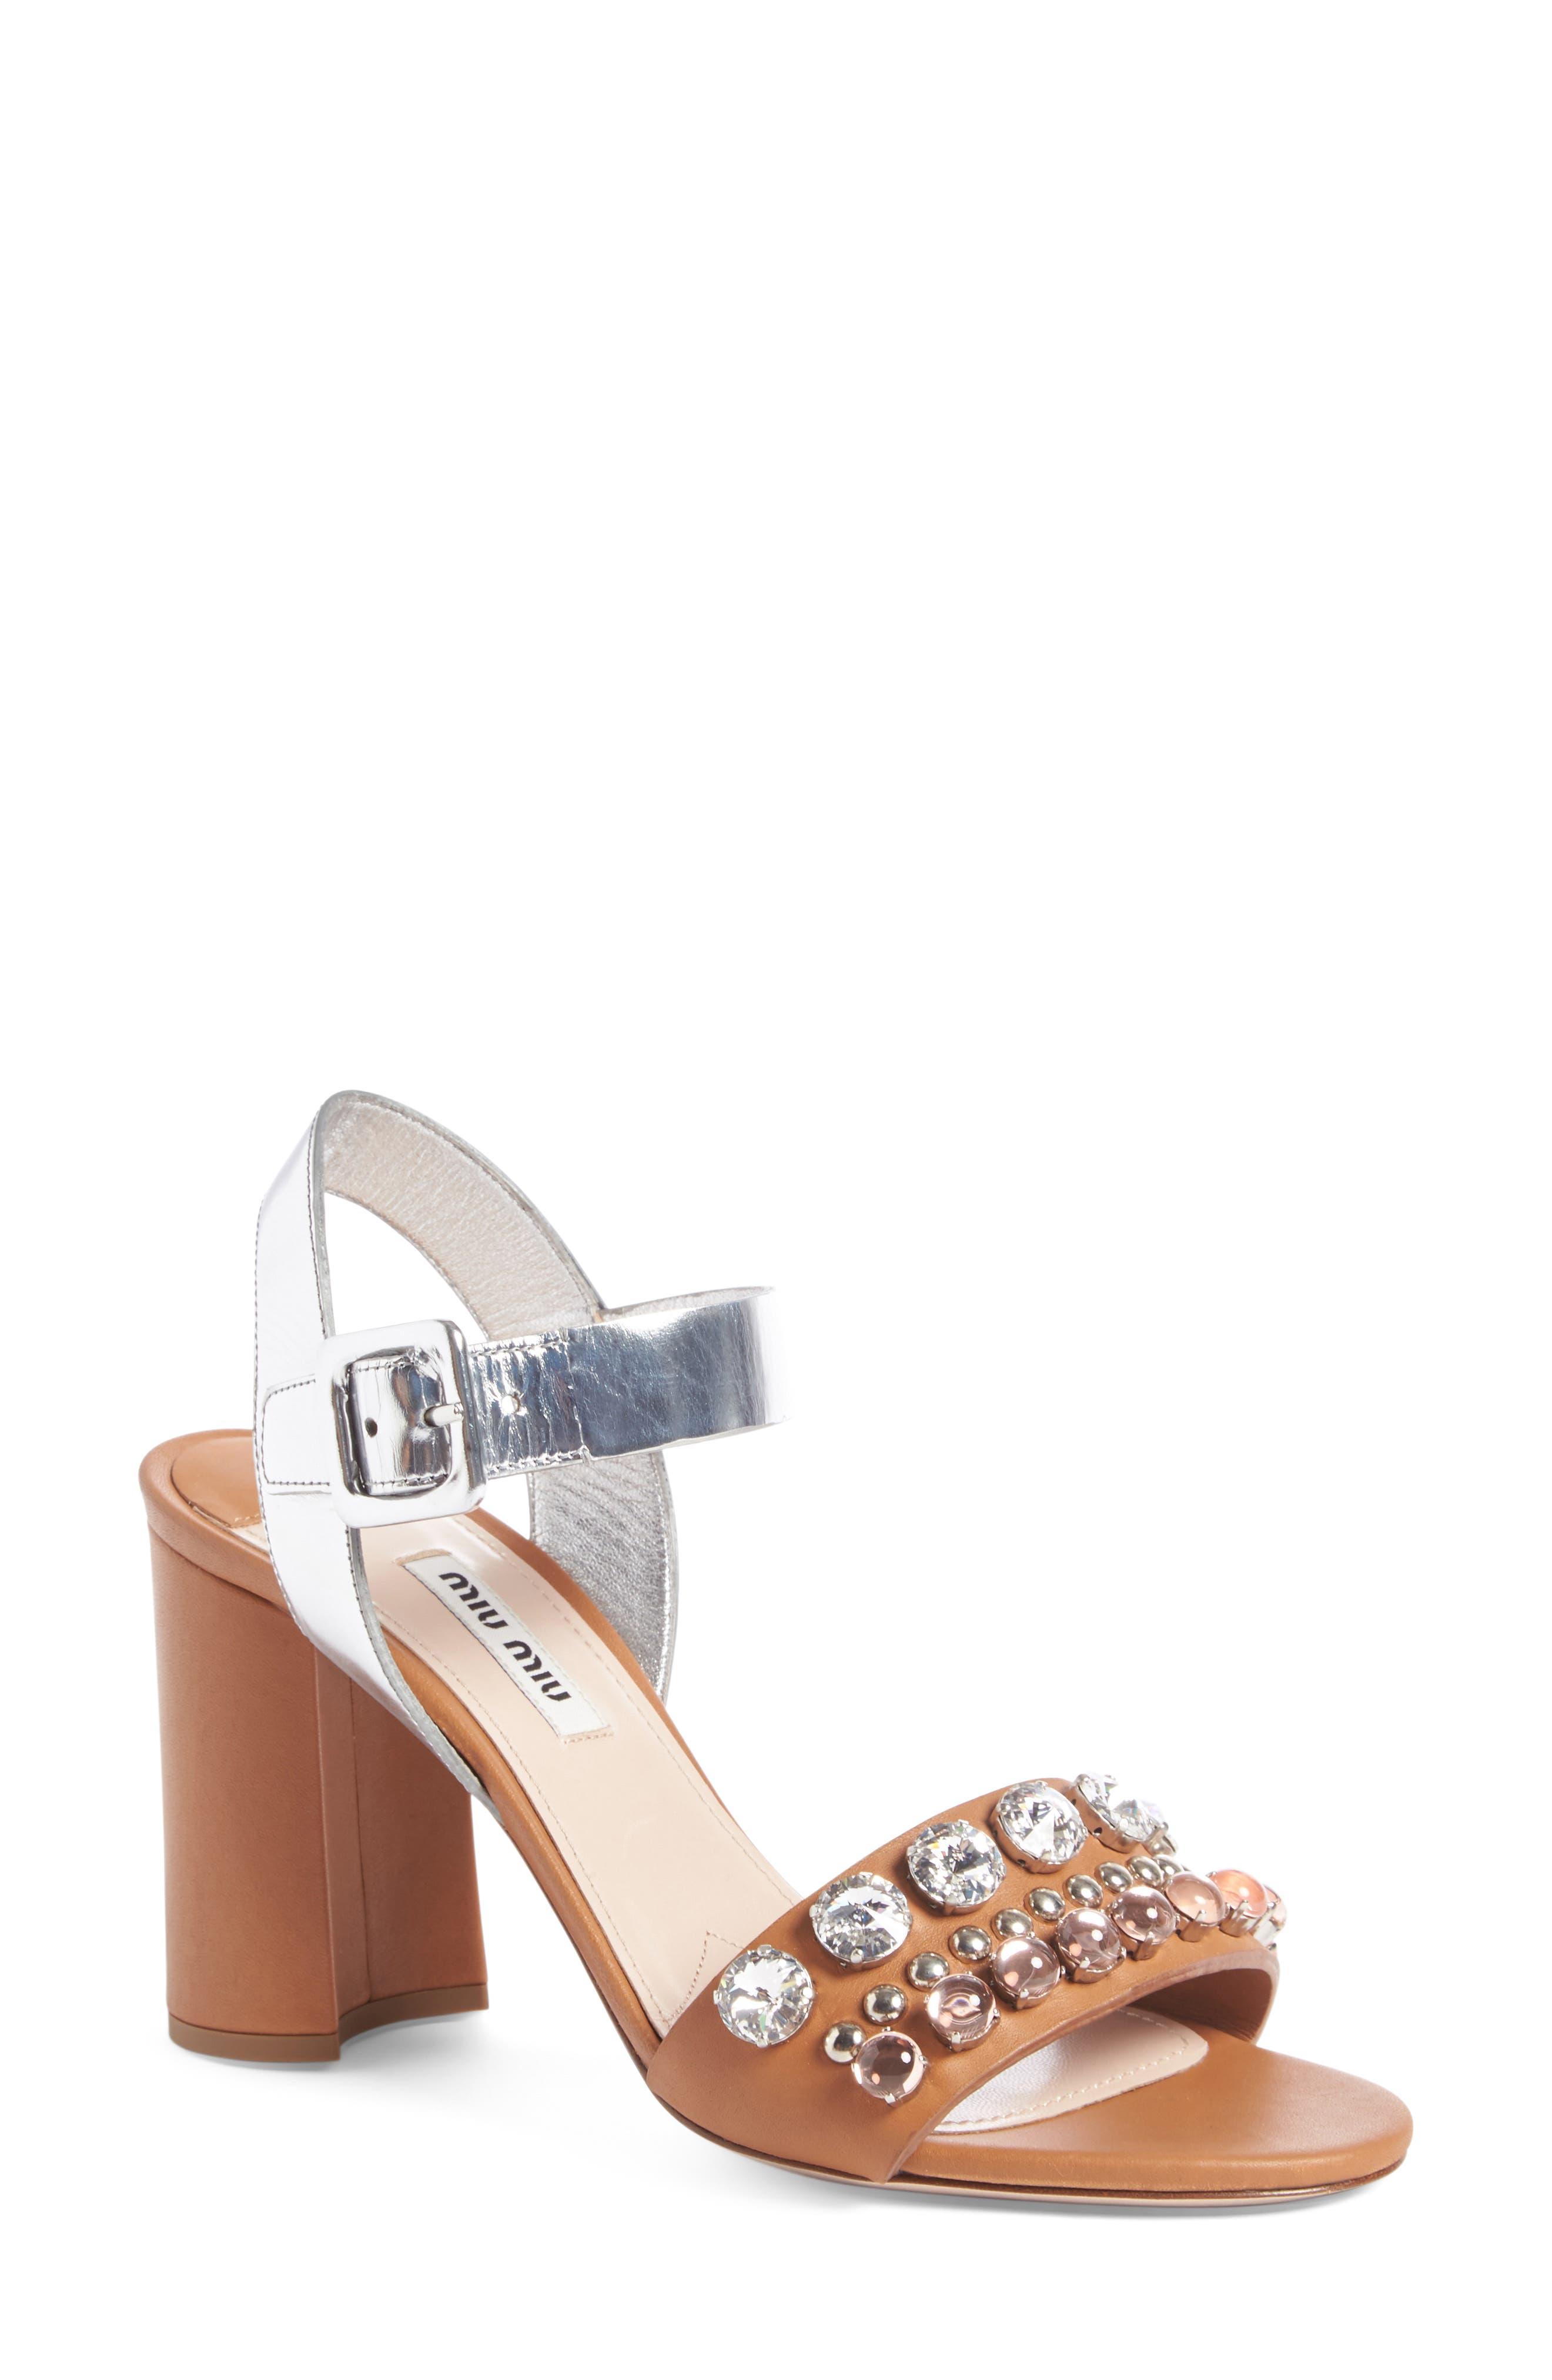 MIU MIU Jewel Sandal